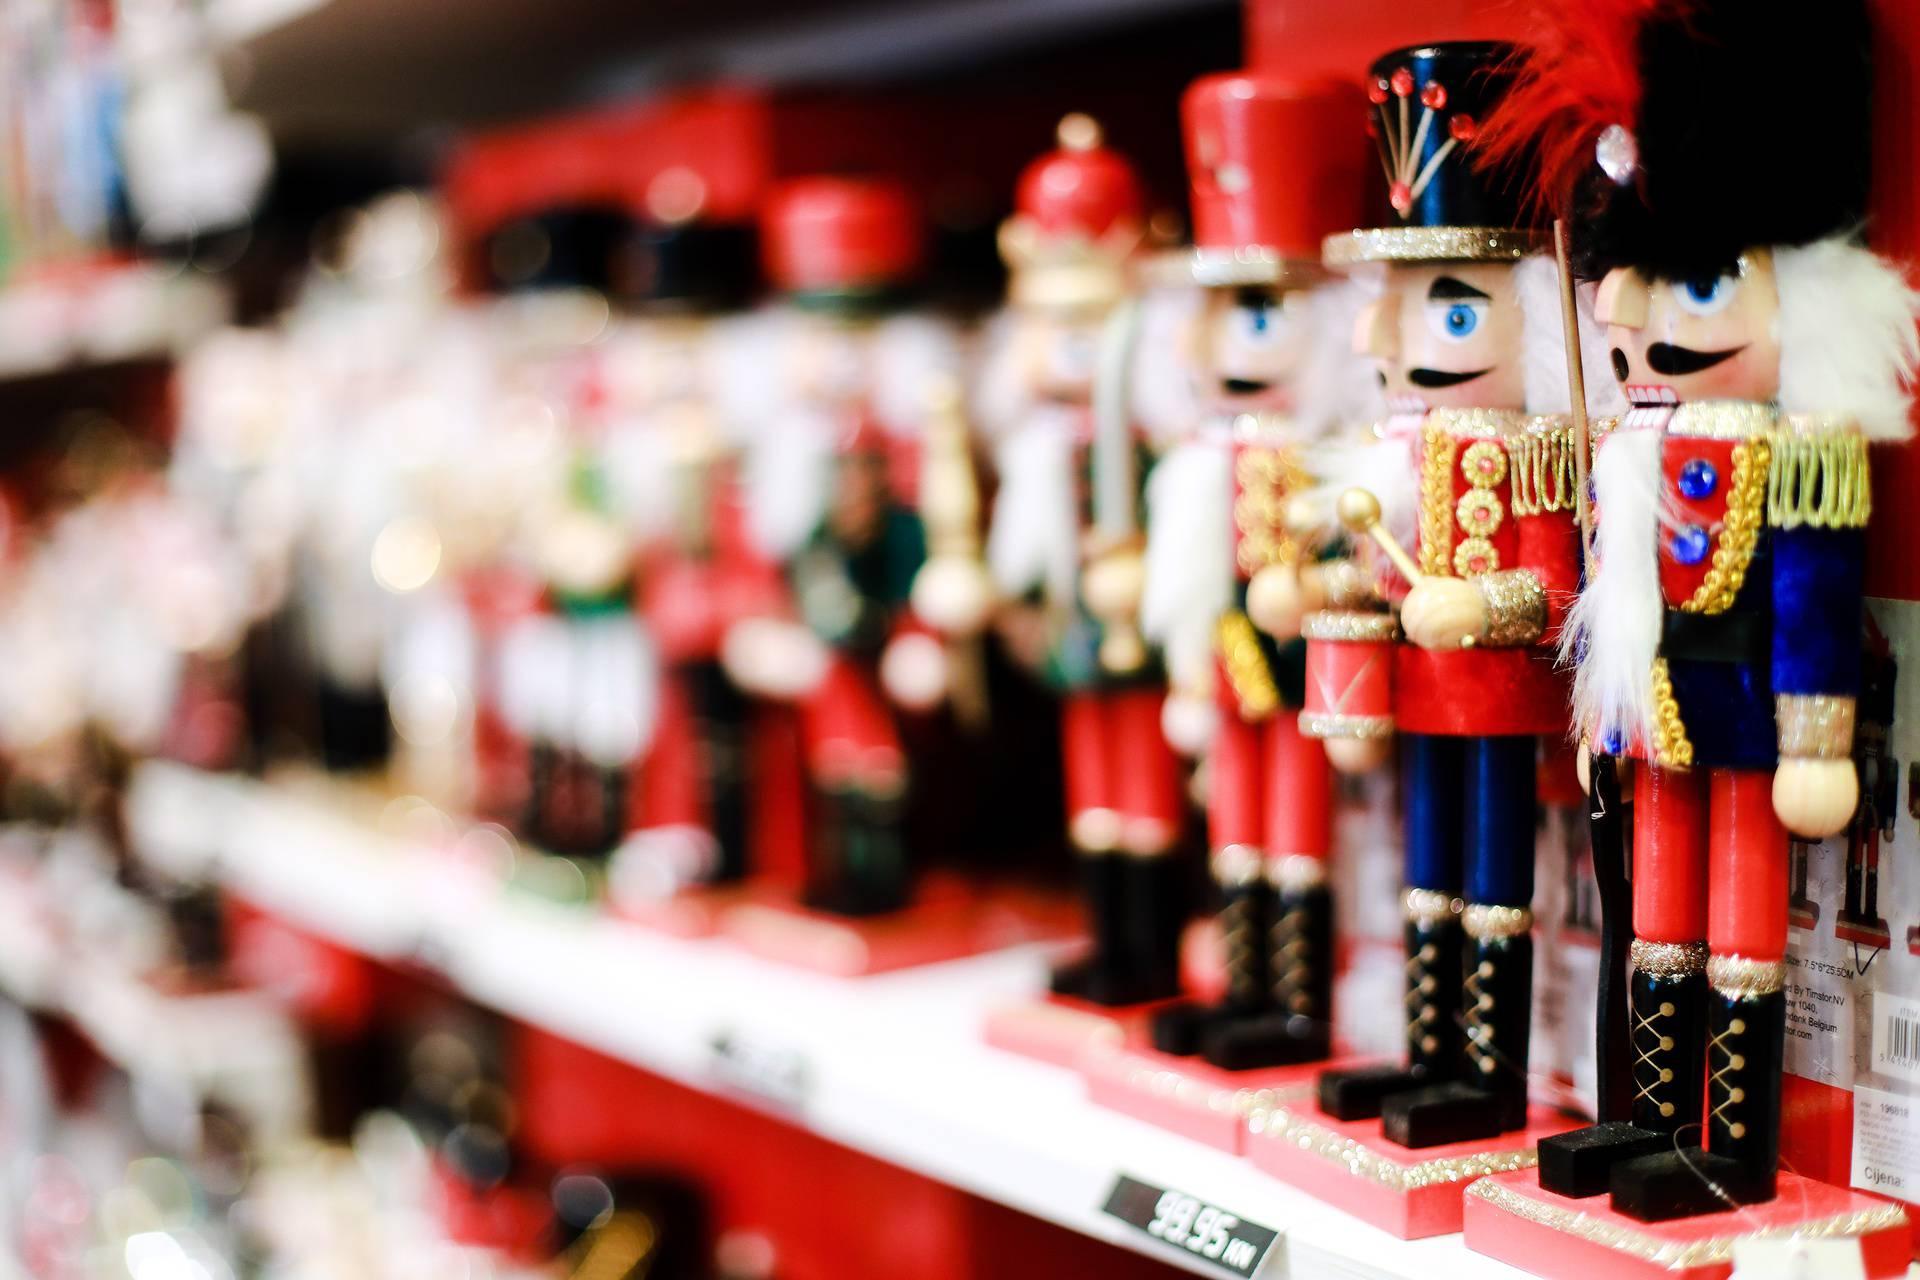 Božićni duh stigao u Zagreb, trgovine već uredile svoje izloge